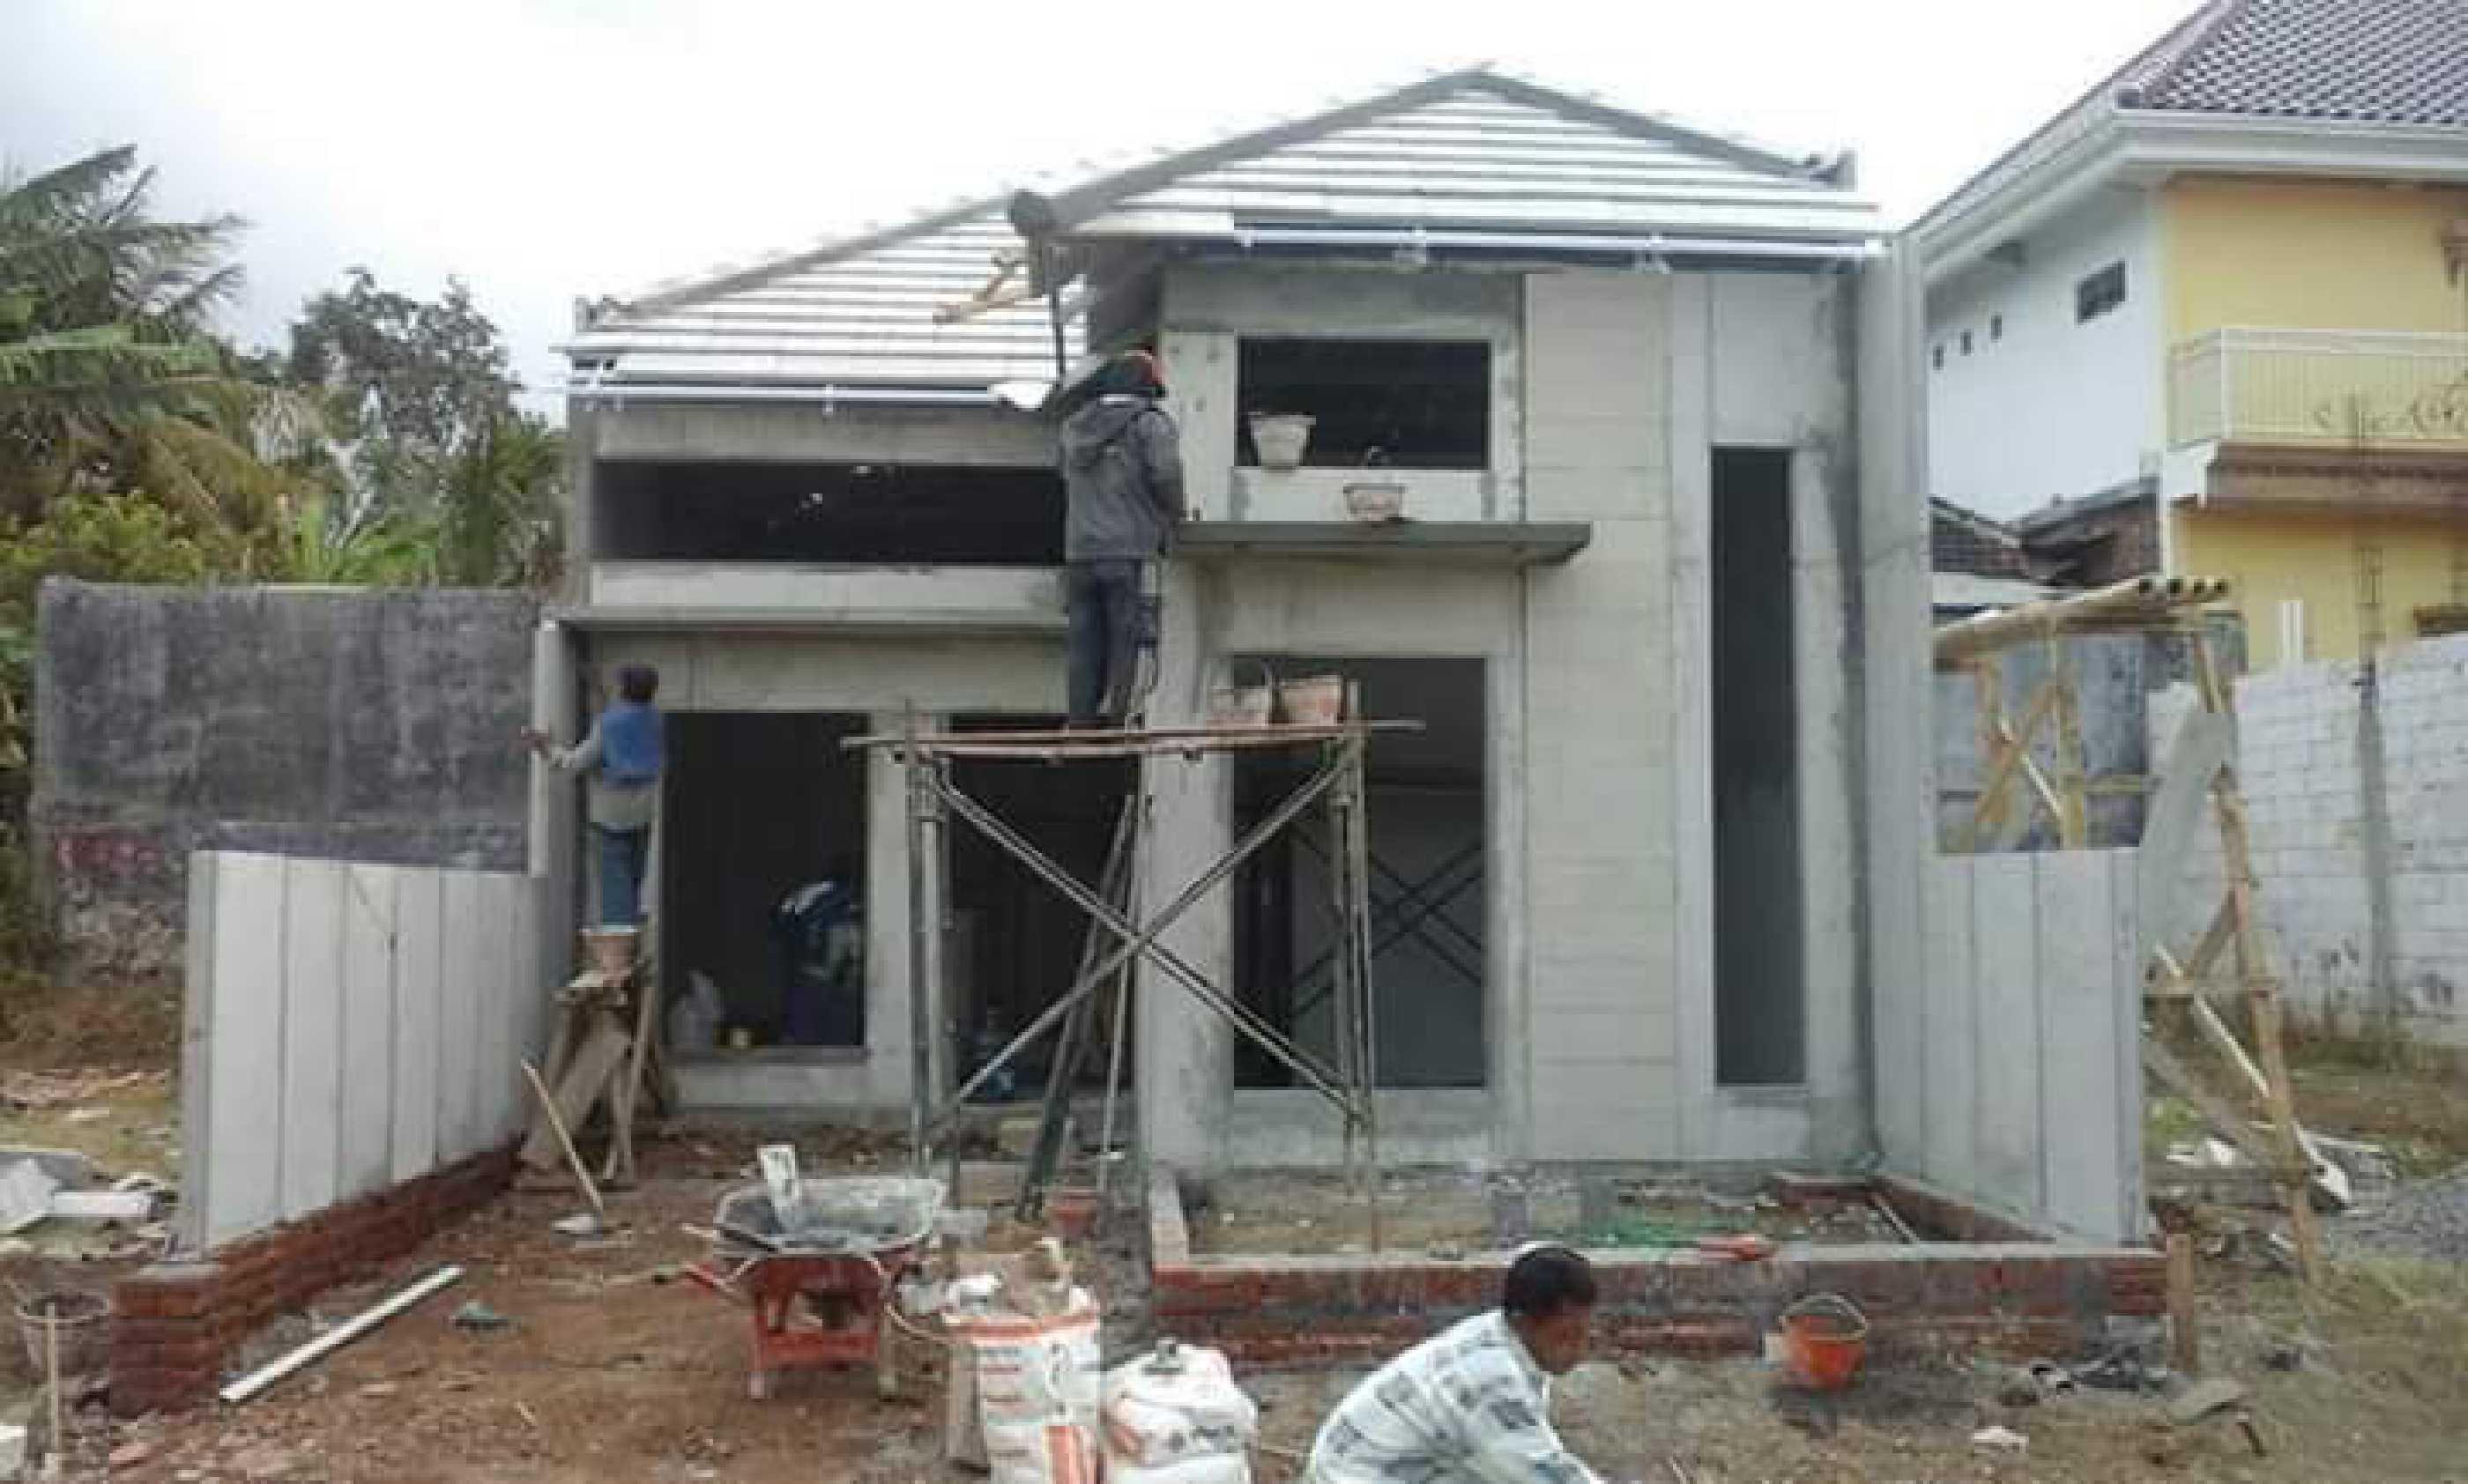 Vanproject Bangun Rumah 1 Lantai Cileungsi, Kec. Cileungsi, Bogor, Jawa Barat, Indonesia Cileungsi, Kec. Cileungsi, Bogor, Jawa Barat, Indonesia Vanproject-Bangun-Rumah-1-Lantai   80655